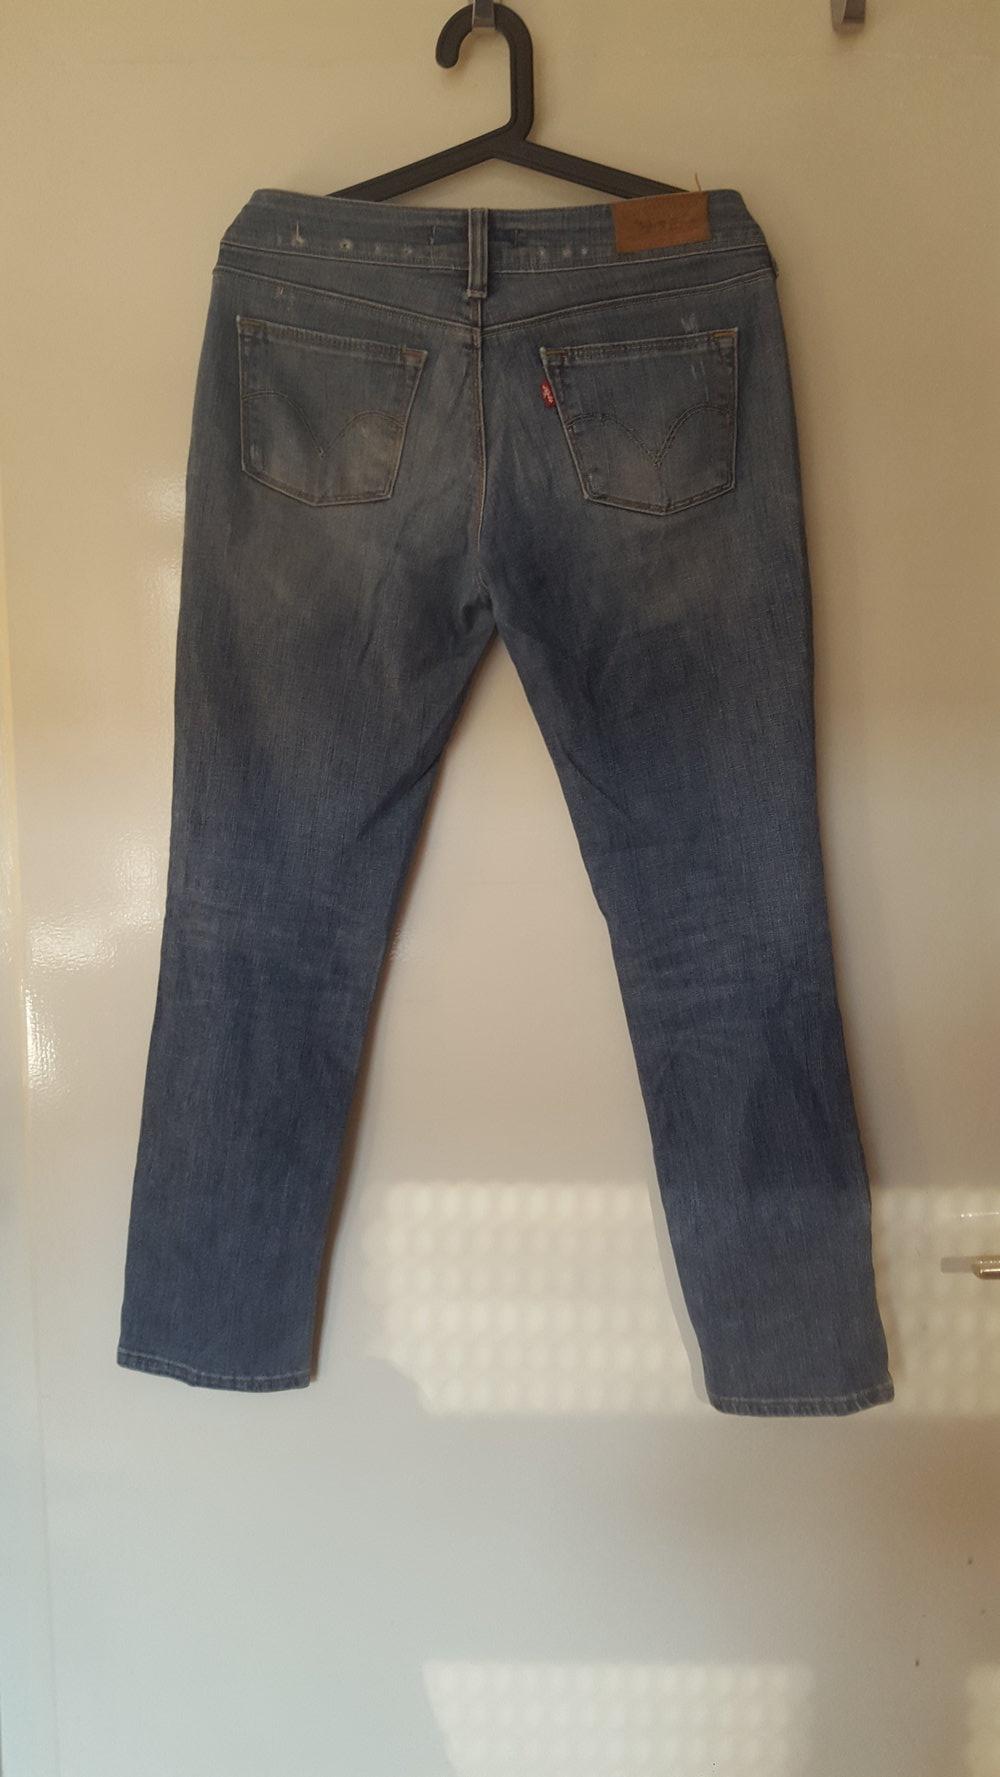 levis 571 slim fit jeans. Black Bedroom Furniture Sets. Home Design Ideas